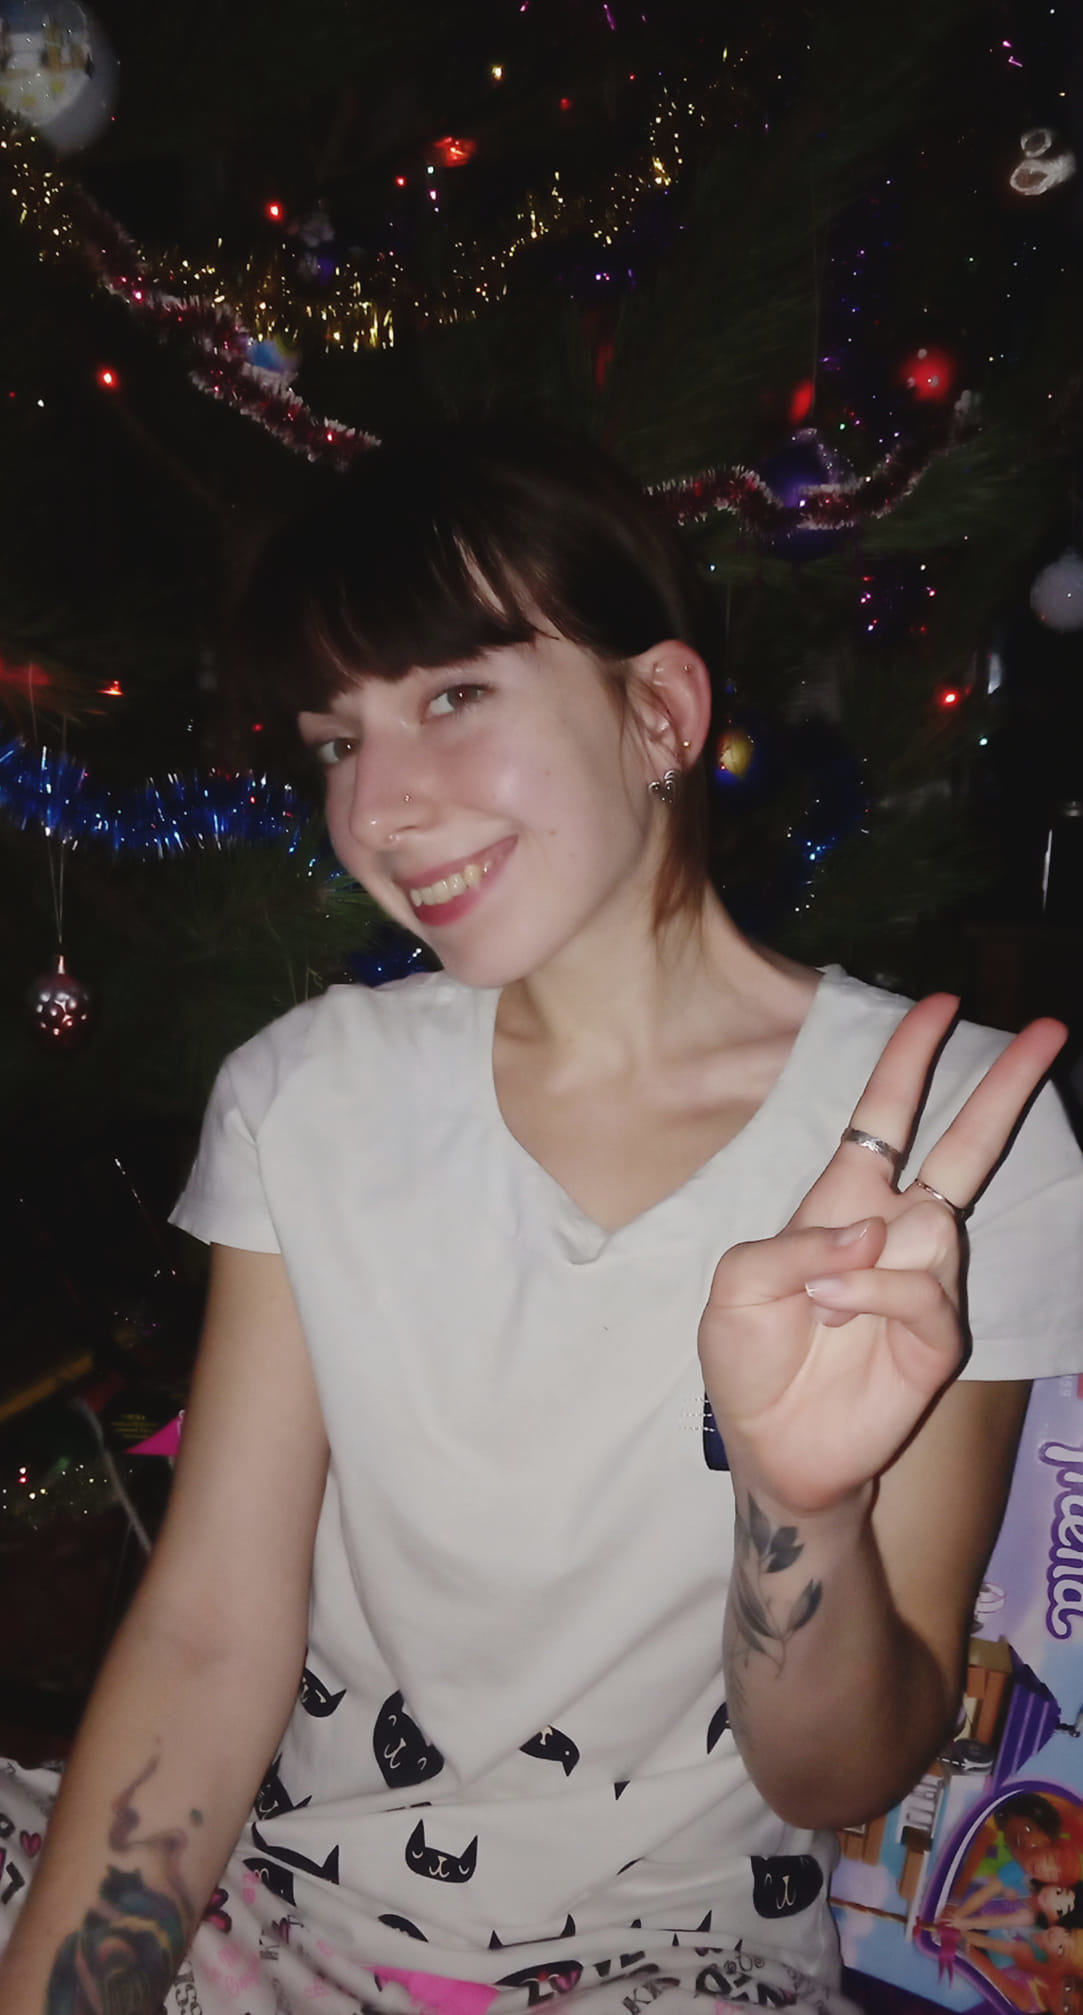 Как жители Луганщины отметили Новый год: ТОП фото из соцсетей, фото-5